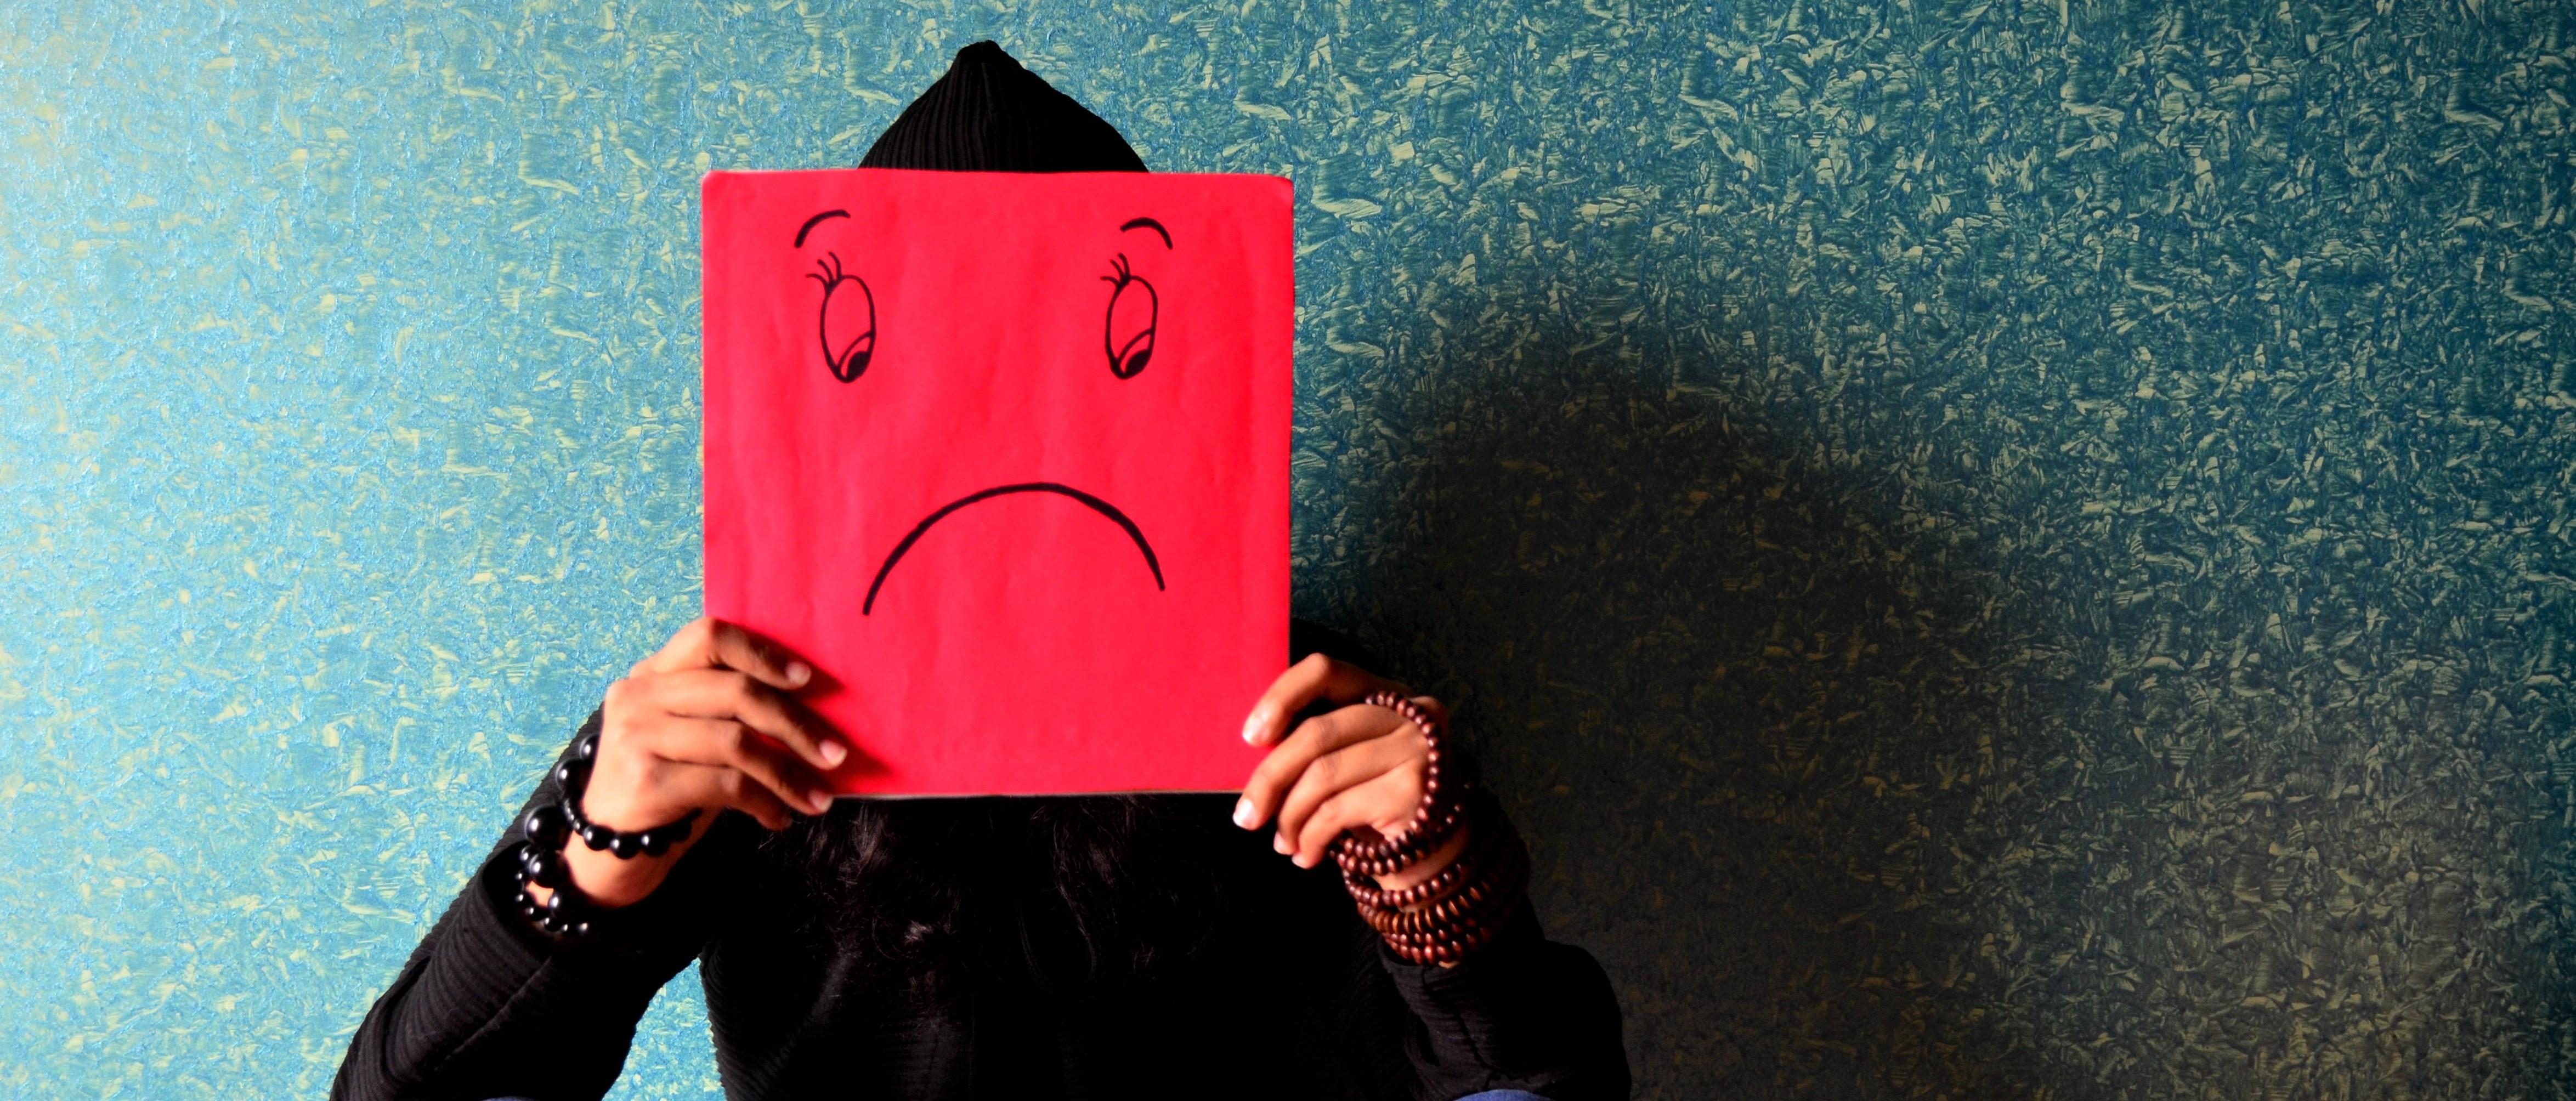 Adolescent exprimant de la tristesse.